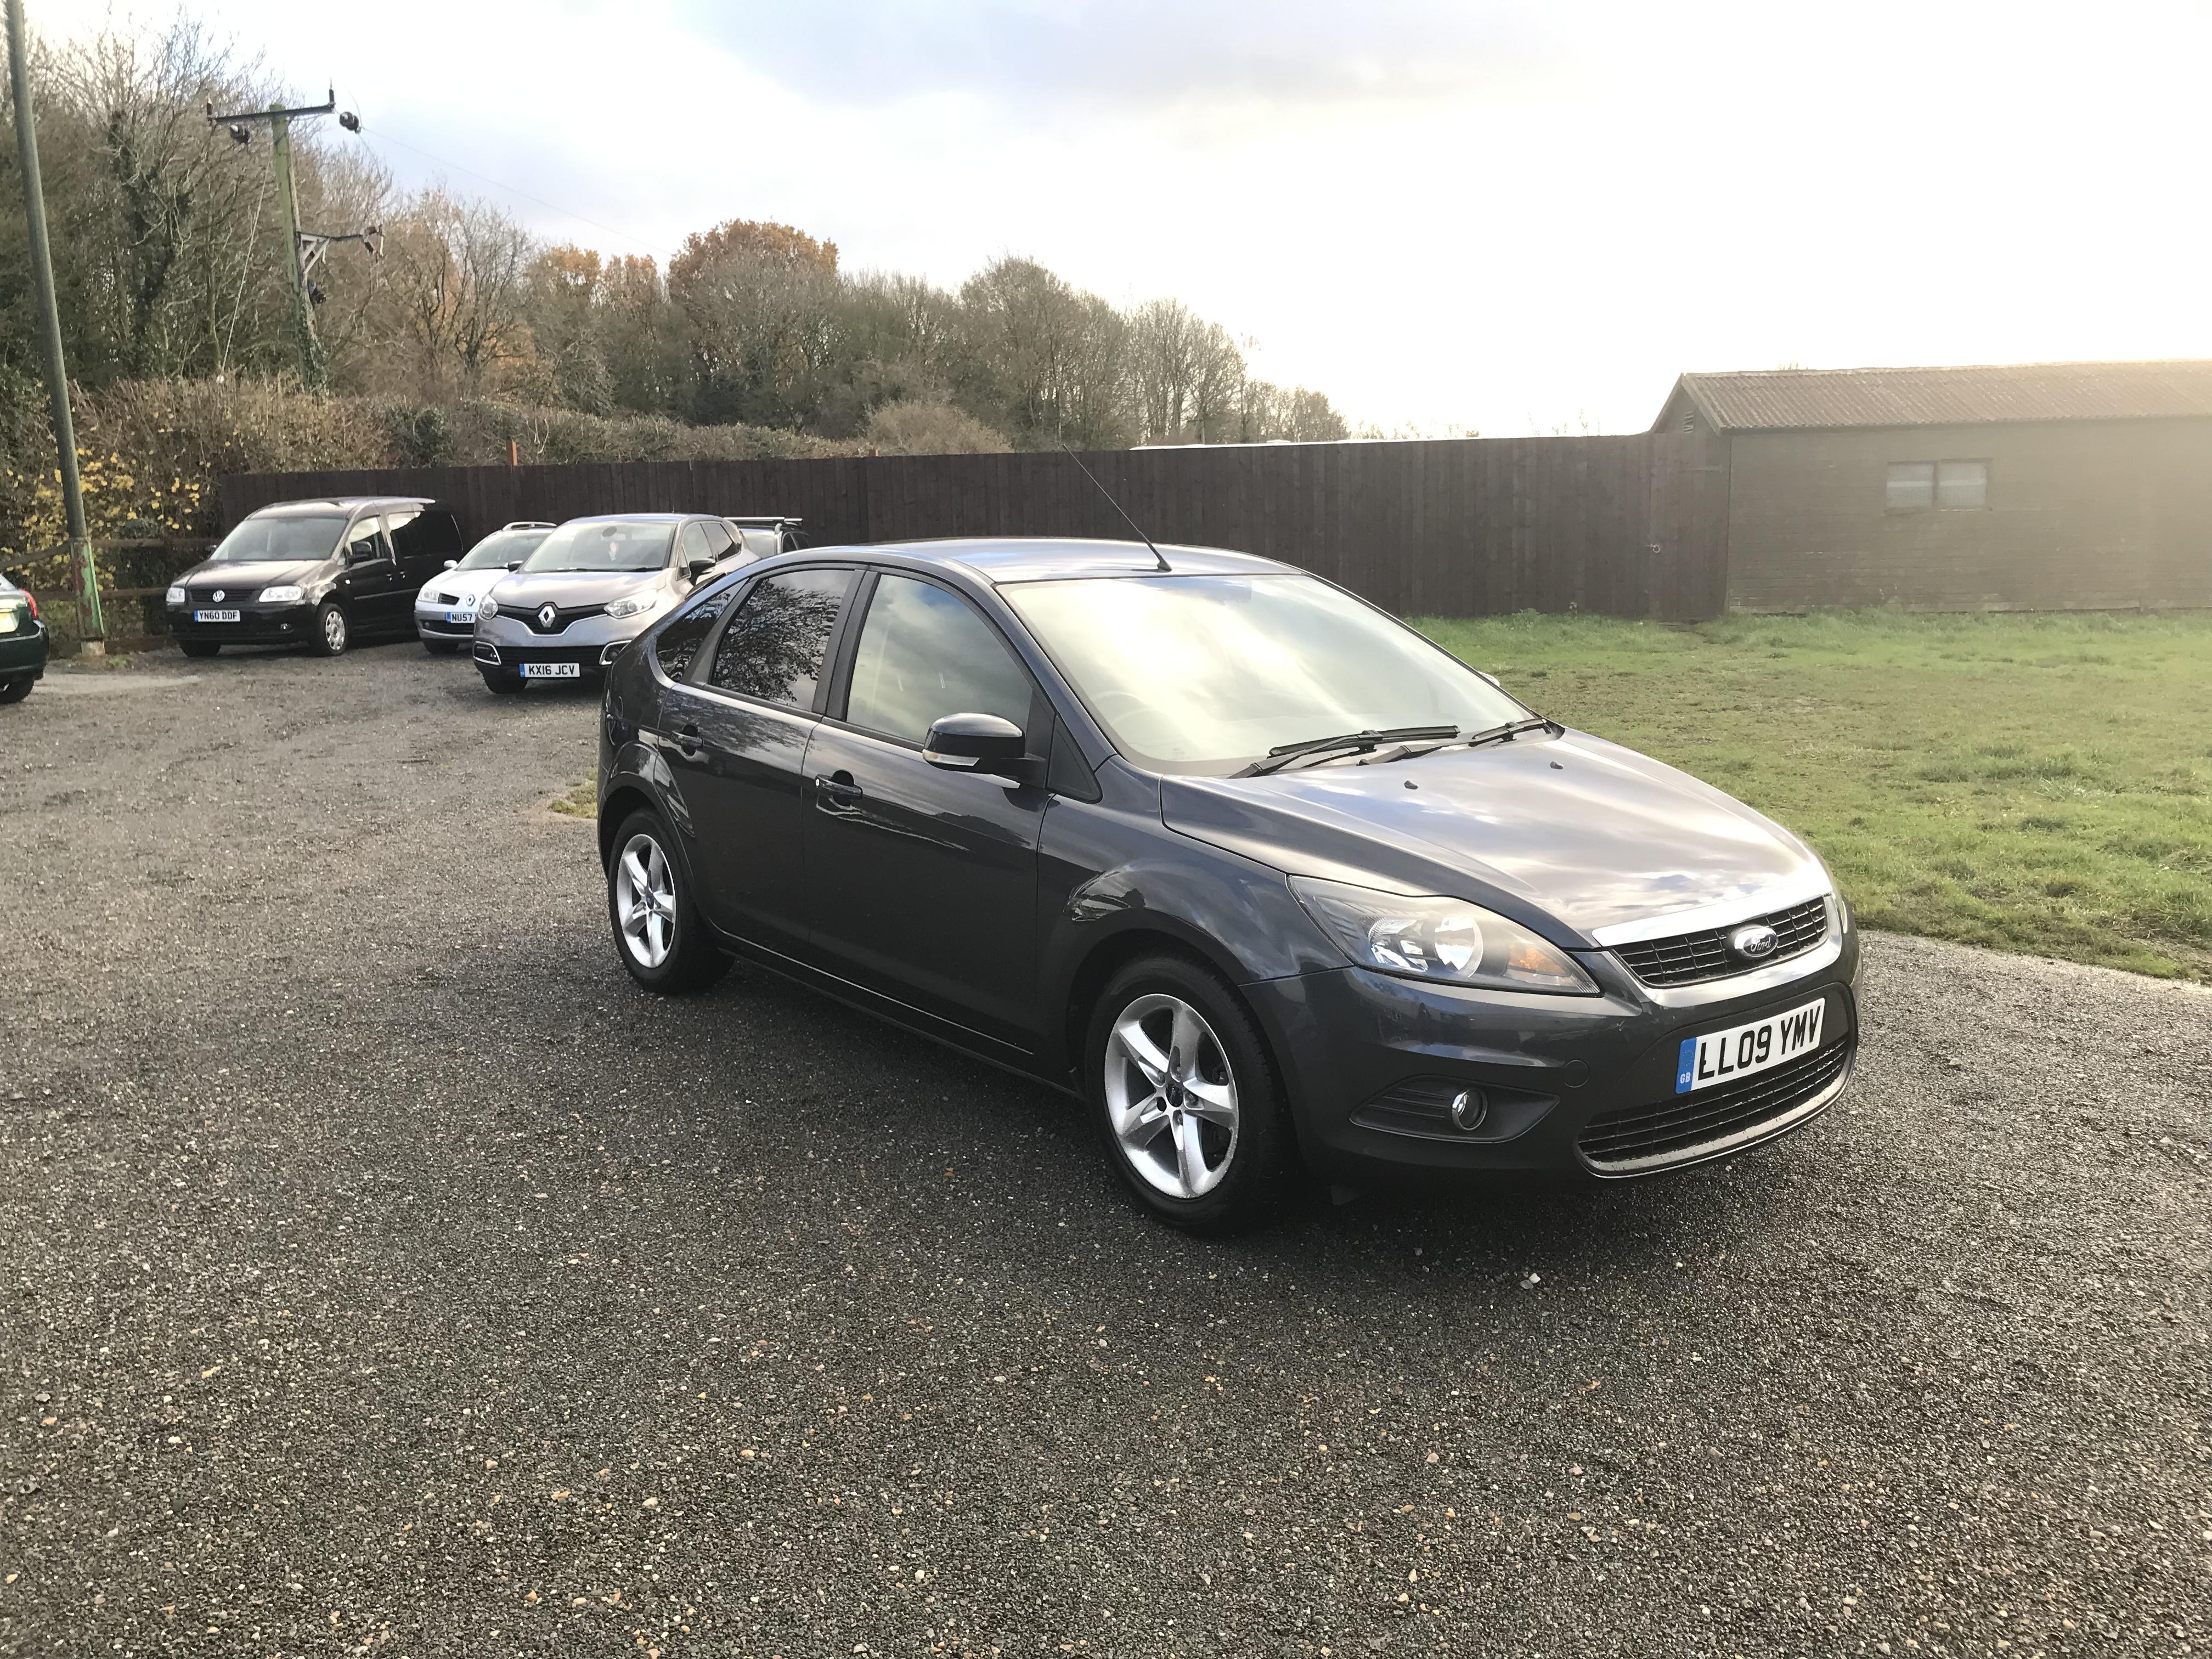 Ford Focus 1.6 Zetec (09 Reg) – Sold